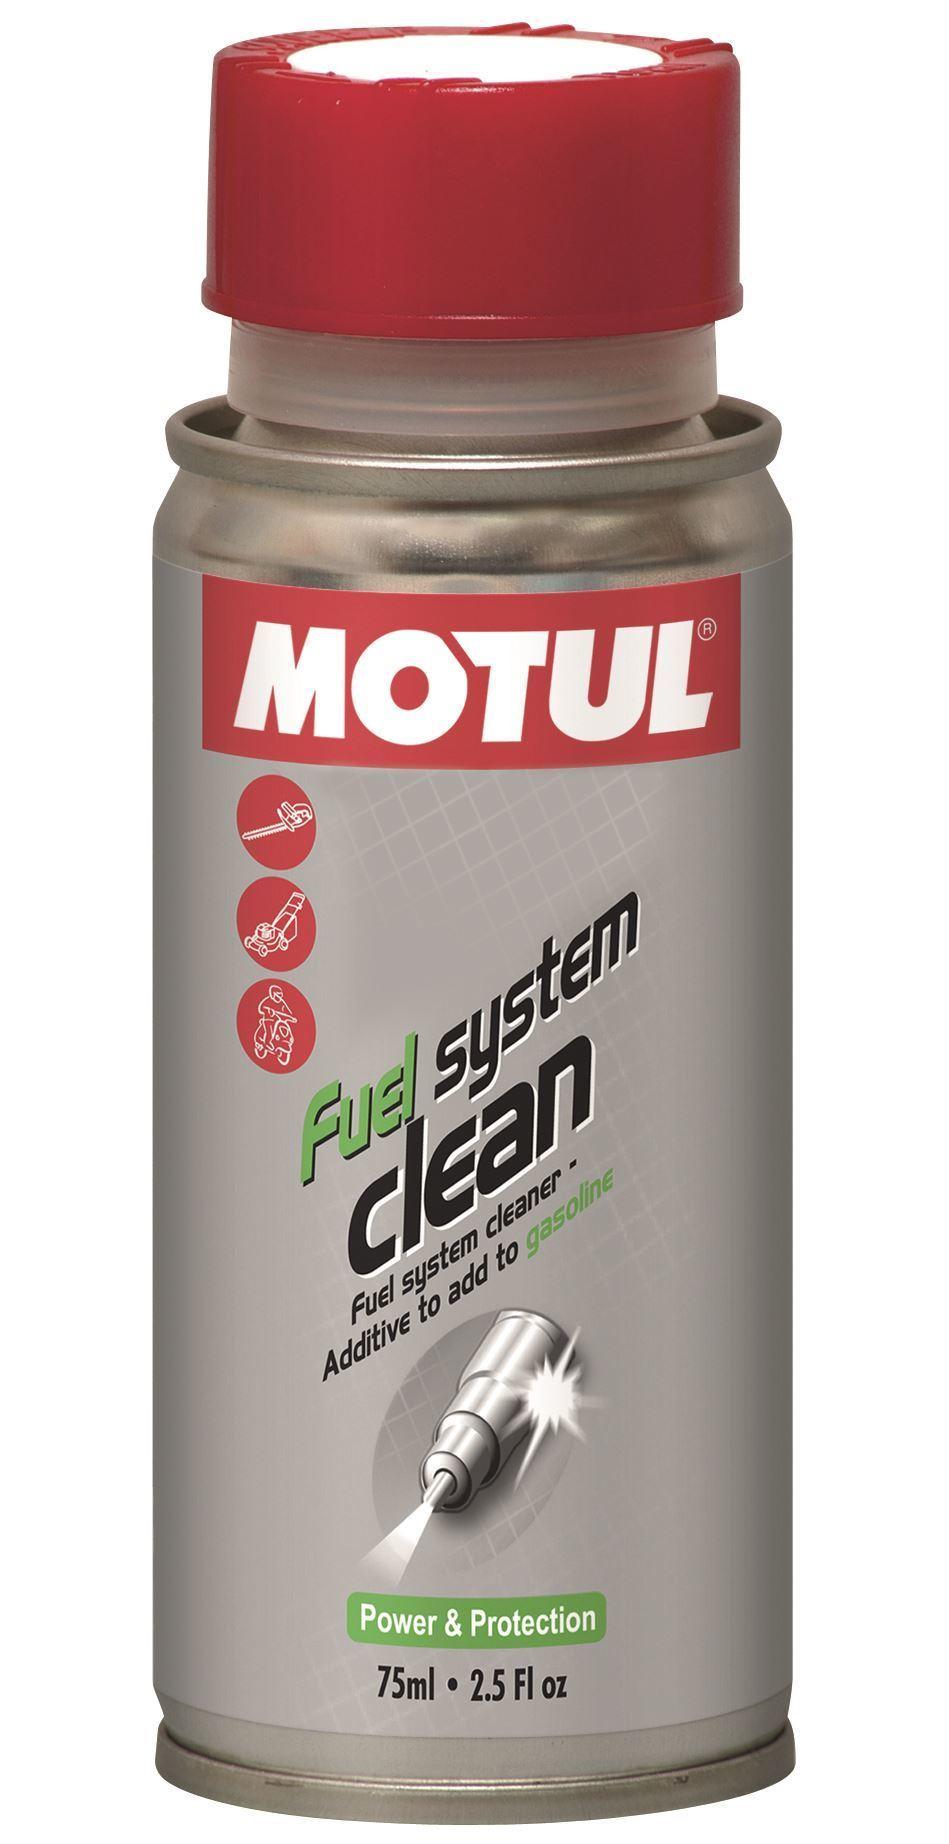 Motul Fuel System Clean Scooter Промывка топливной системы мототехники